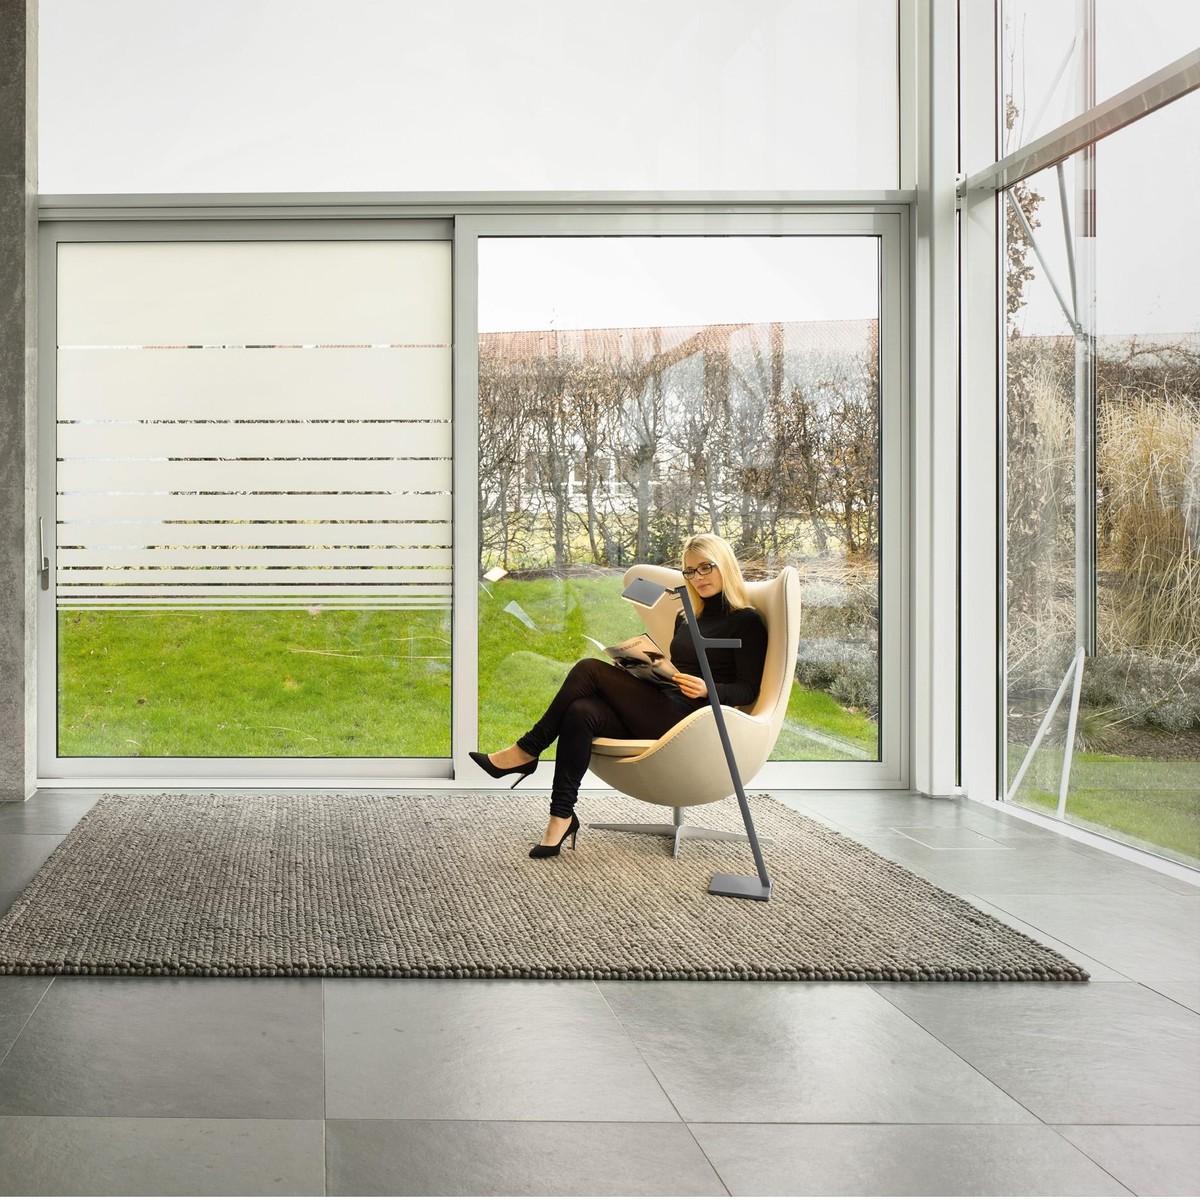 roxxane leggera cl 101 led reading lamp nimbus. Black Bedroom Furniture Sets. Home Design Ideas